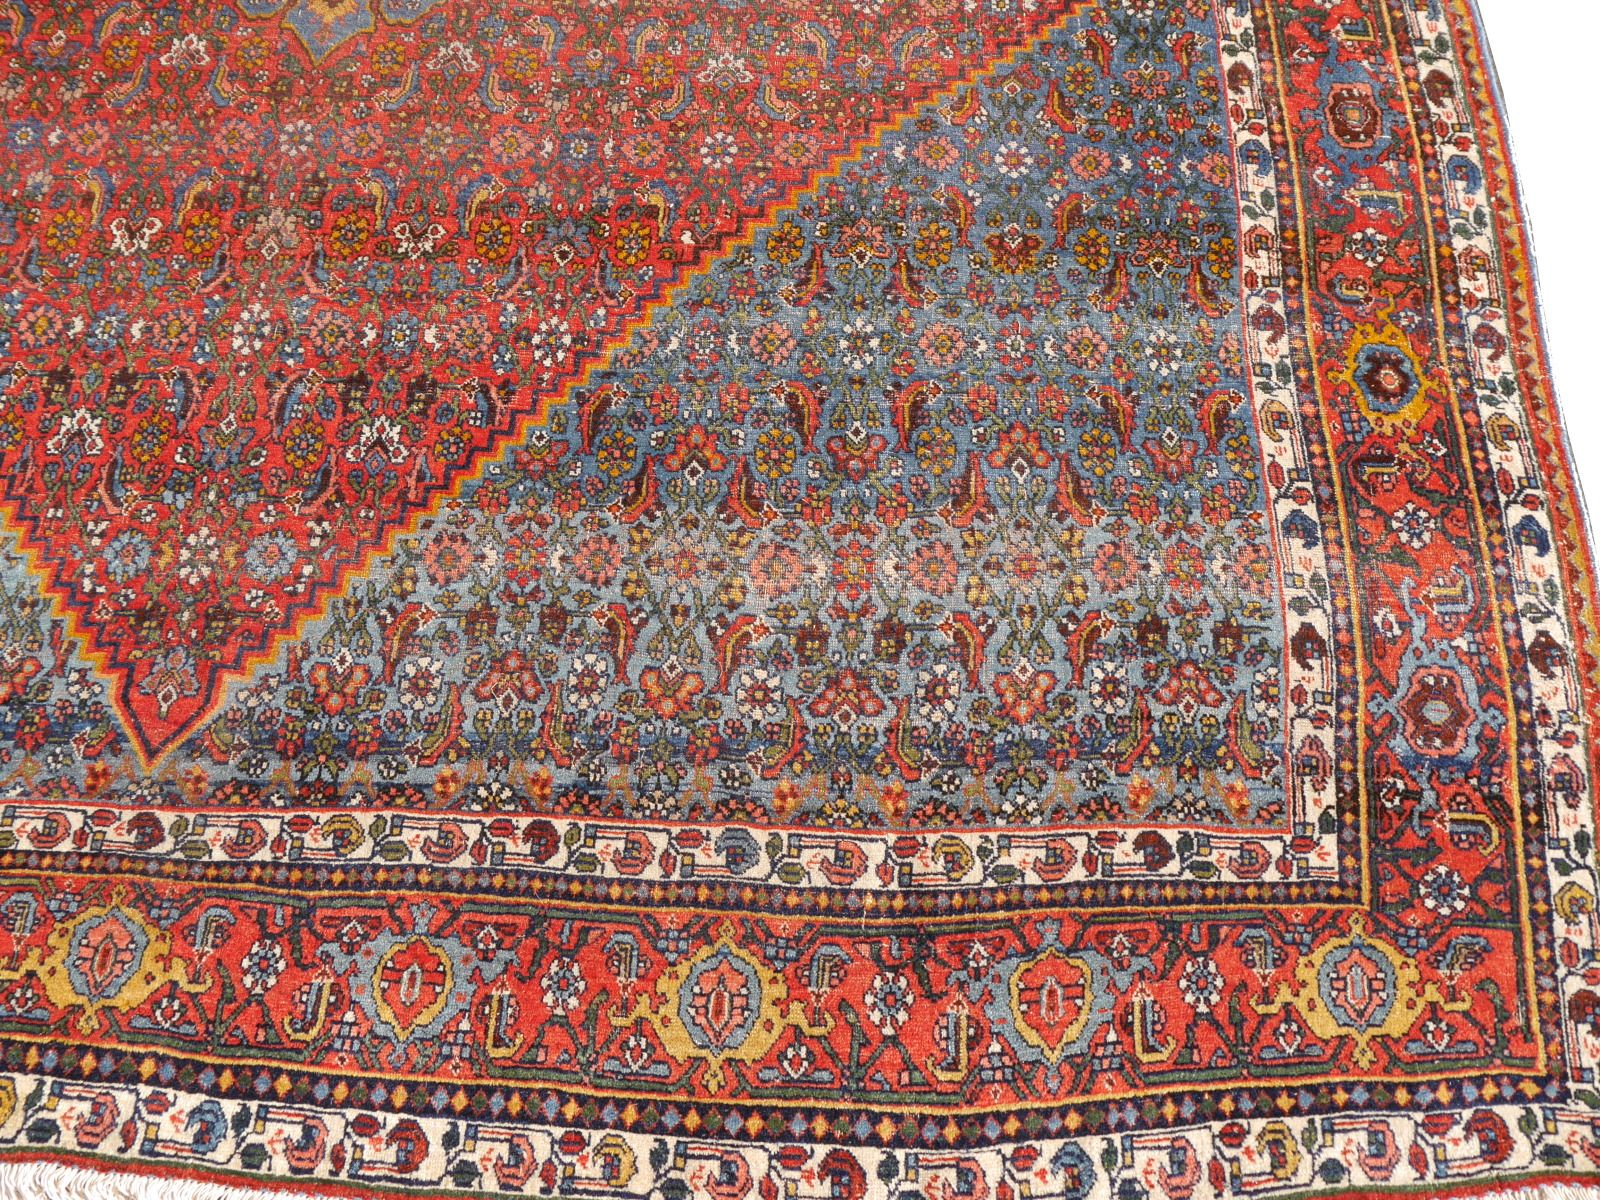 gro er persischer vintage bidjar teppich bei pamono kaufen. Black Bedroom Furniture Sets. Home Design Ideas